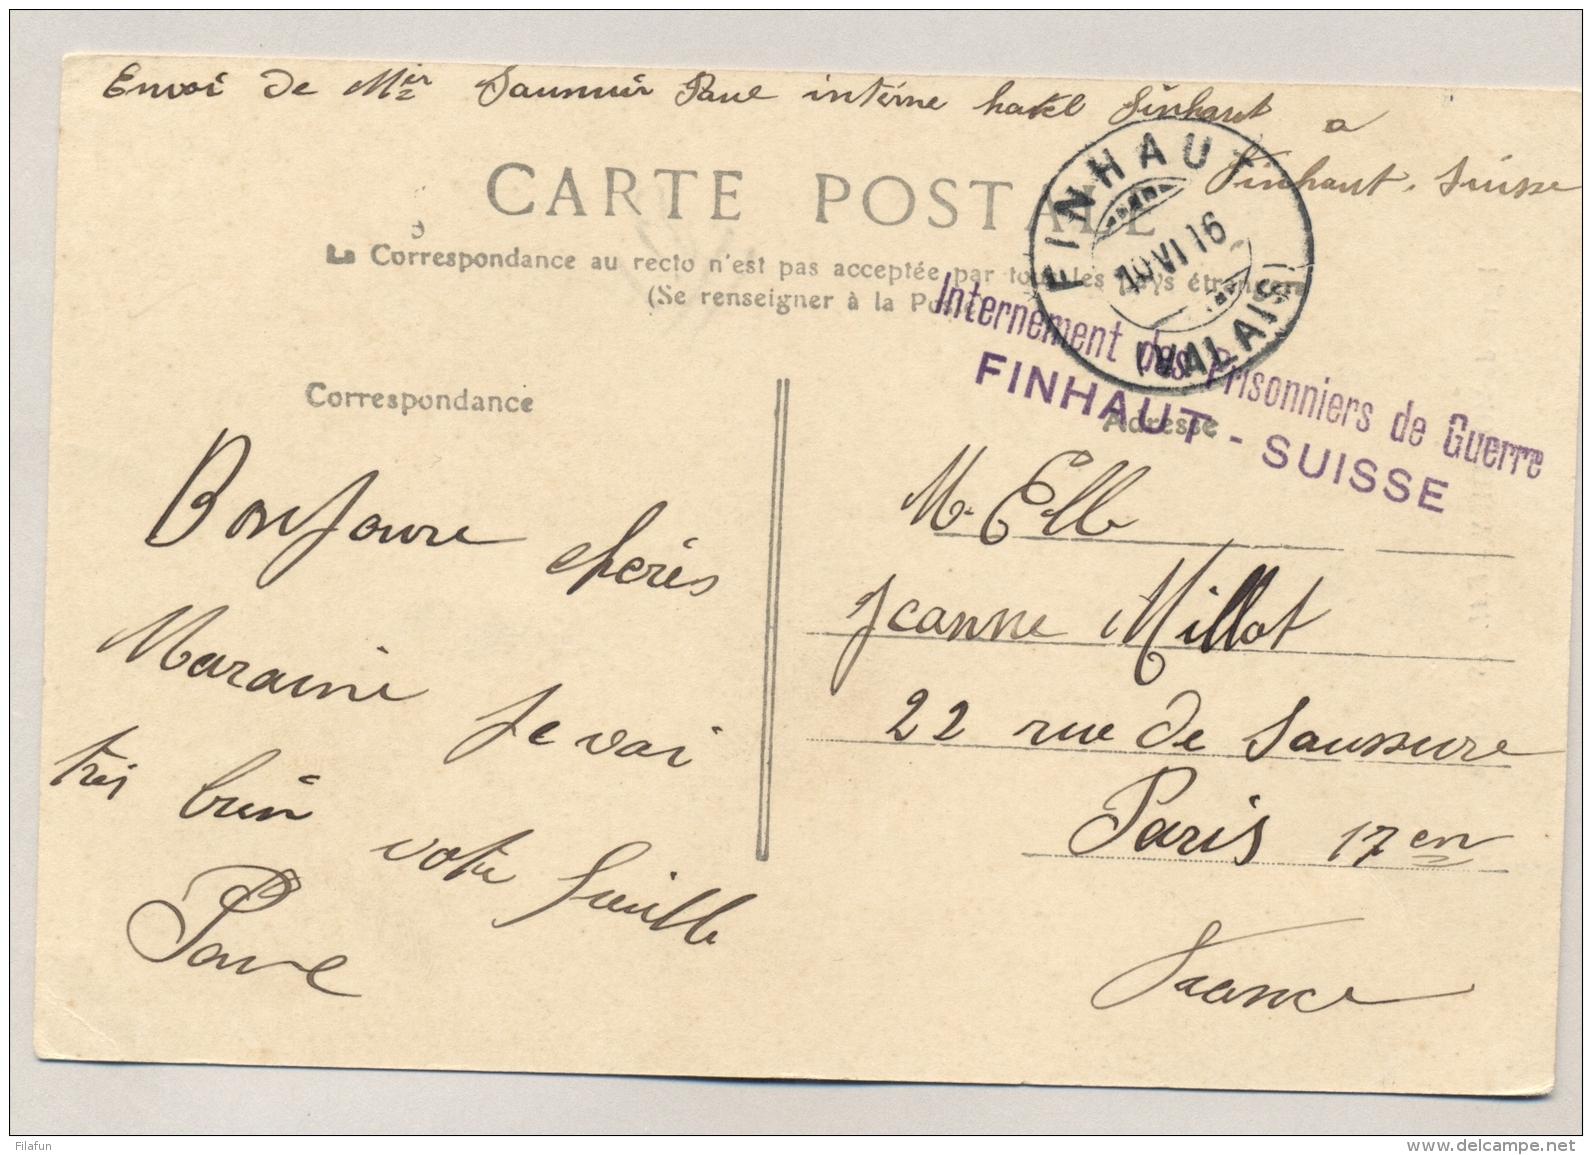 Schweiz - 1916 - POW-Postcard Internement Des Prisonniers De Guerre FINHAUT - SUISSE To Paris / France - Documenten